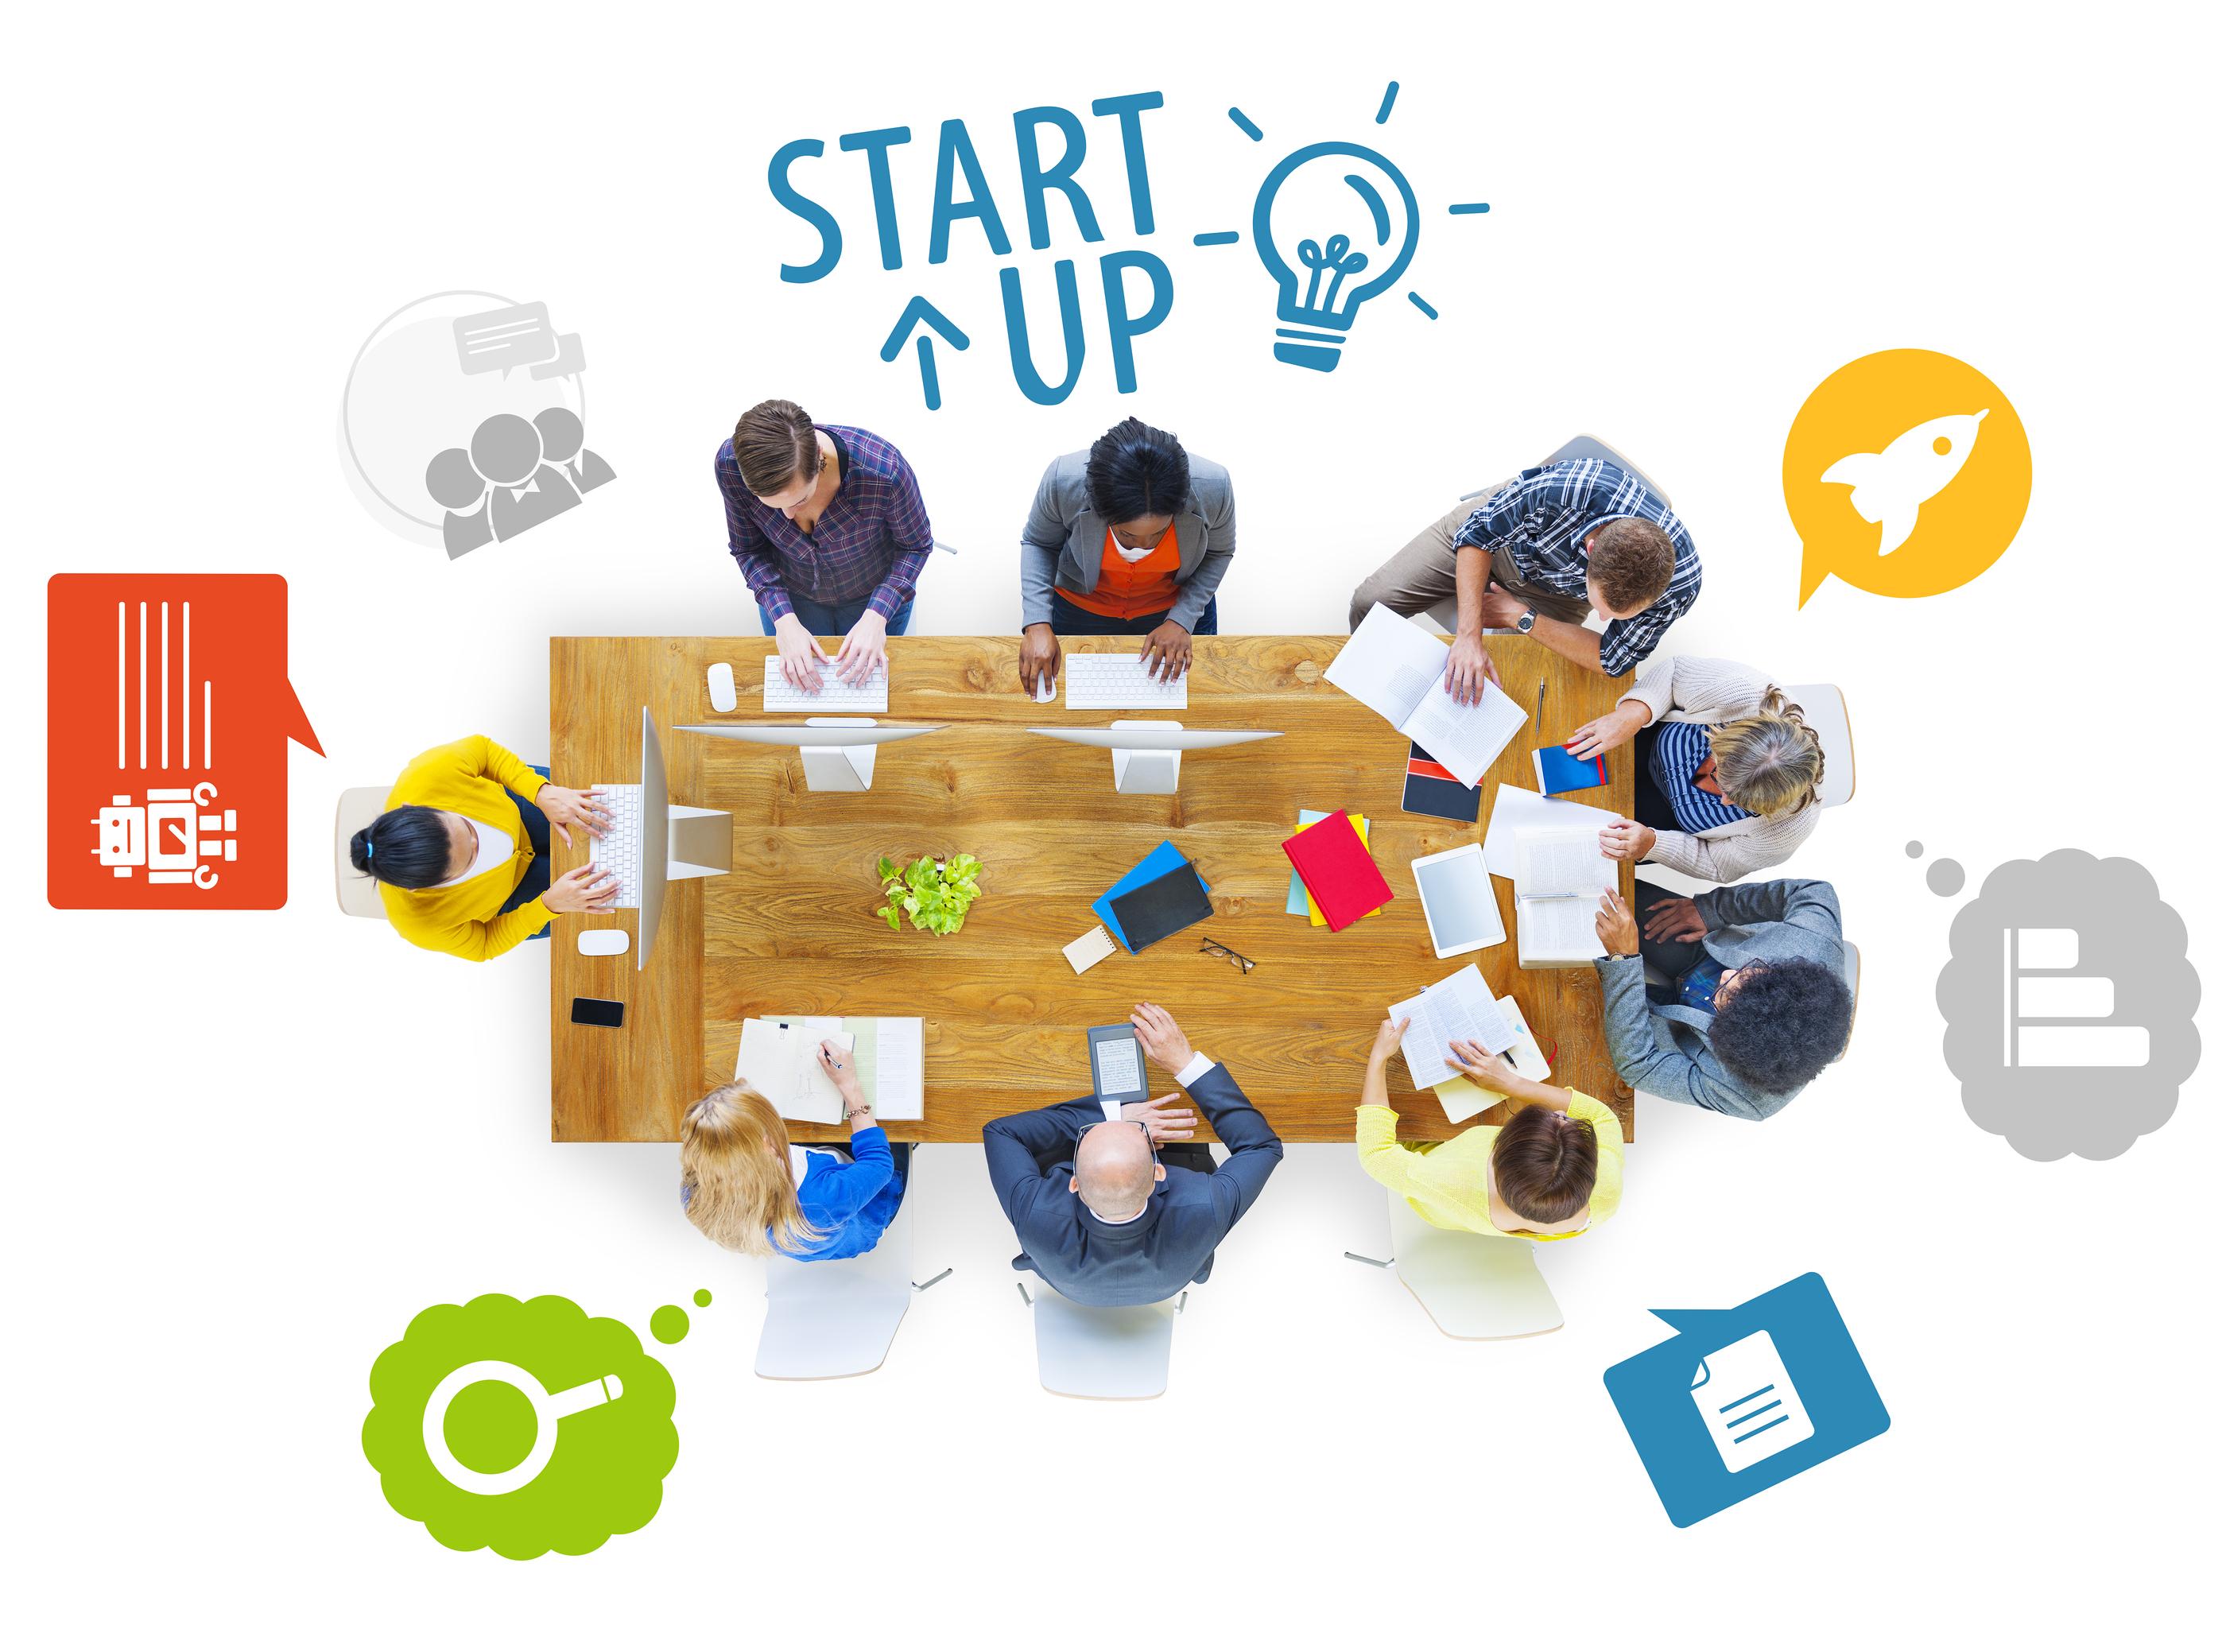 5 điều nên làm nếu bạn khởi nghiệp kinh doanh từ hai bàn tay trắng